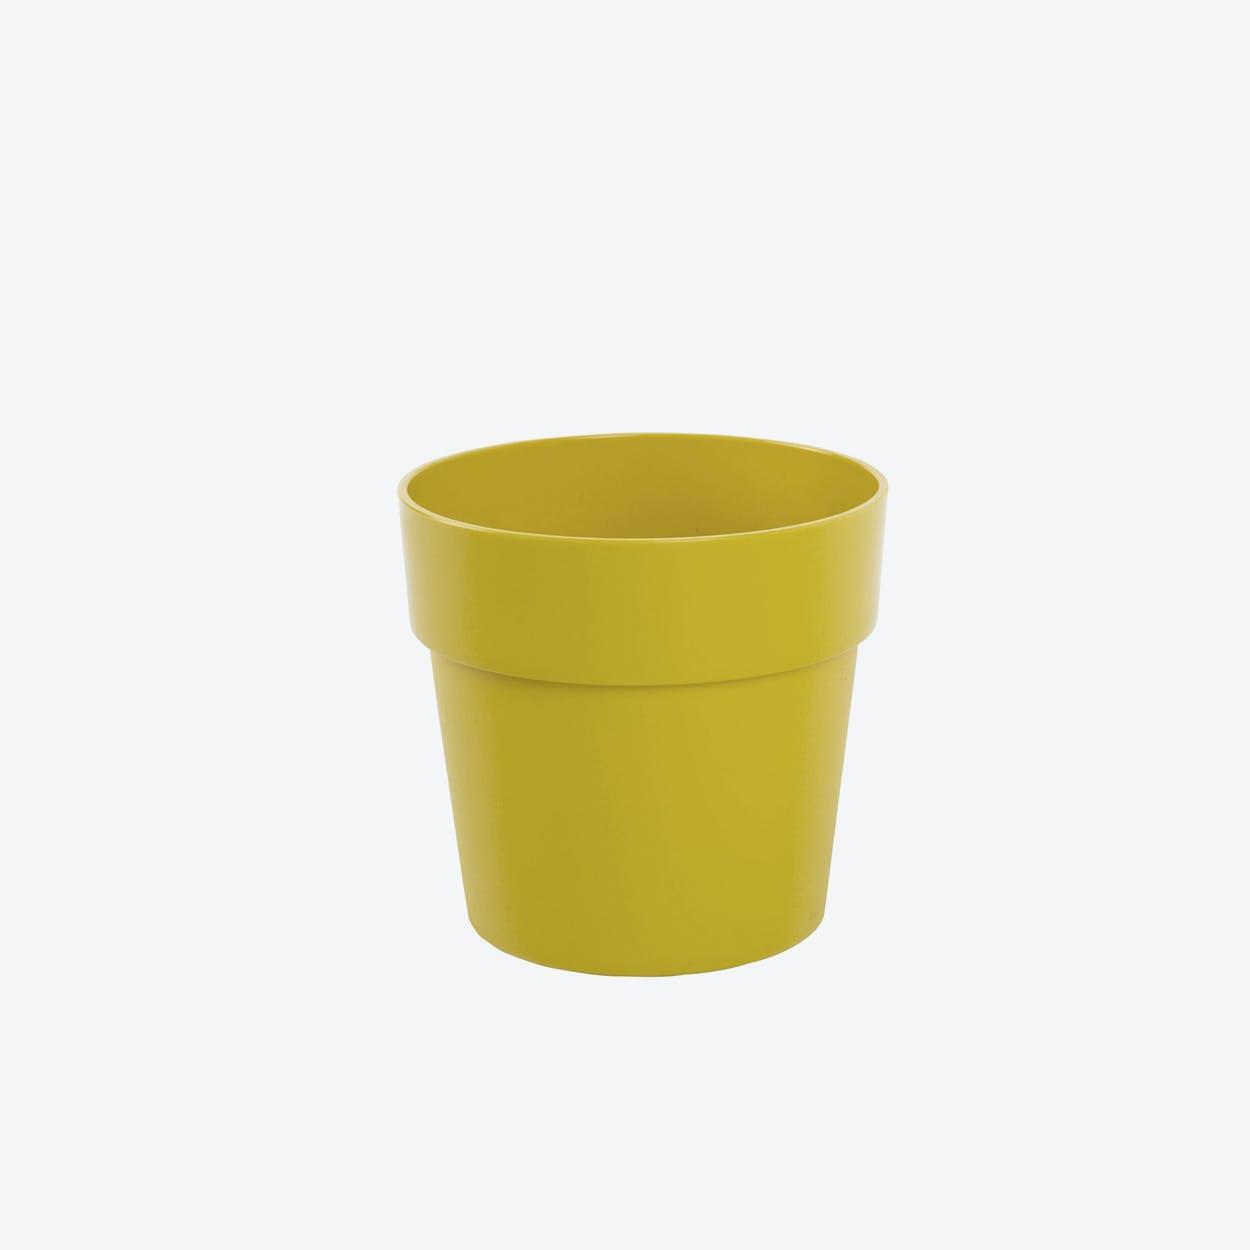 Flowerpot Fency Pot, Yellow, Ø12